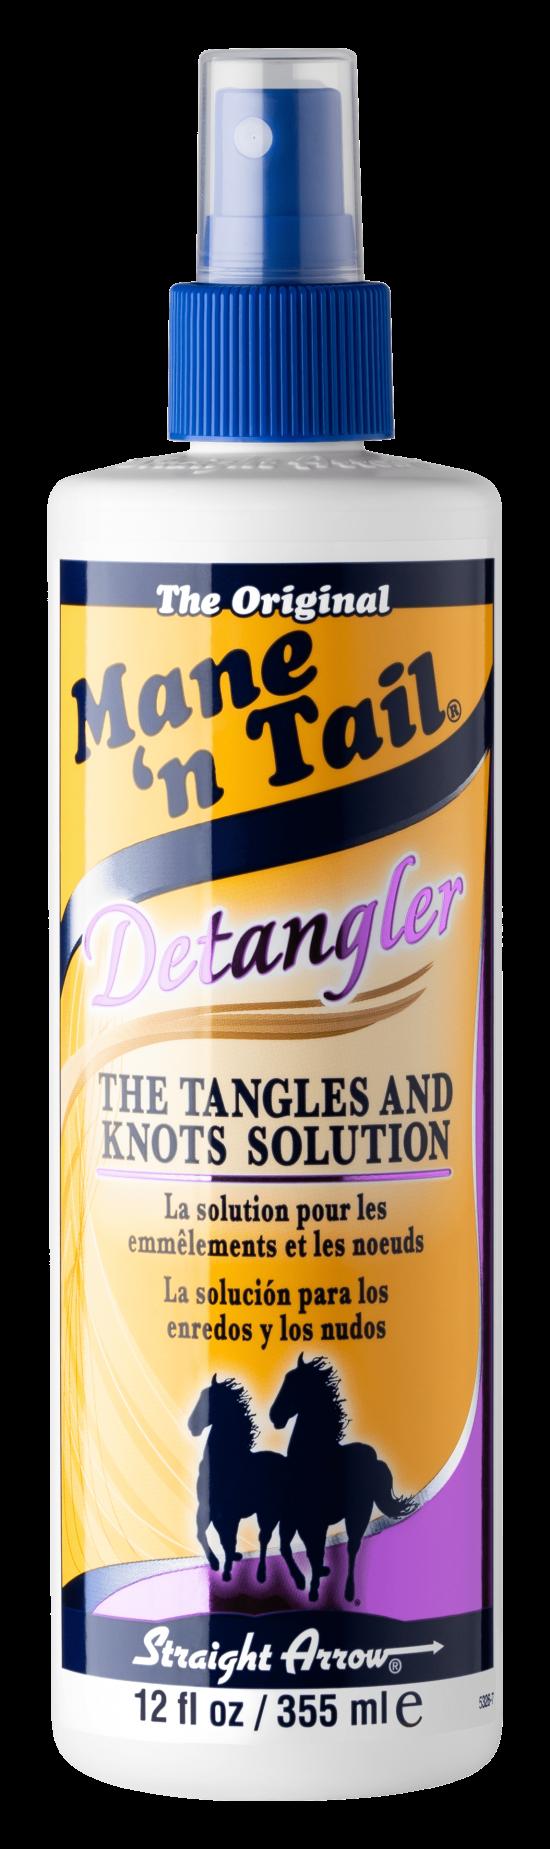 Spray Detangler for hair 12 oz bottle